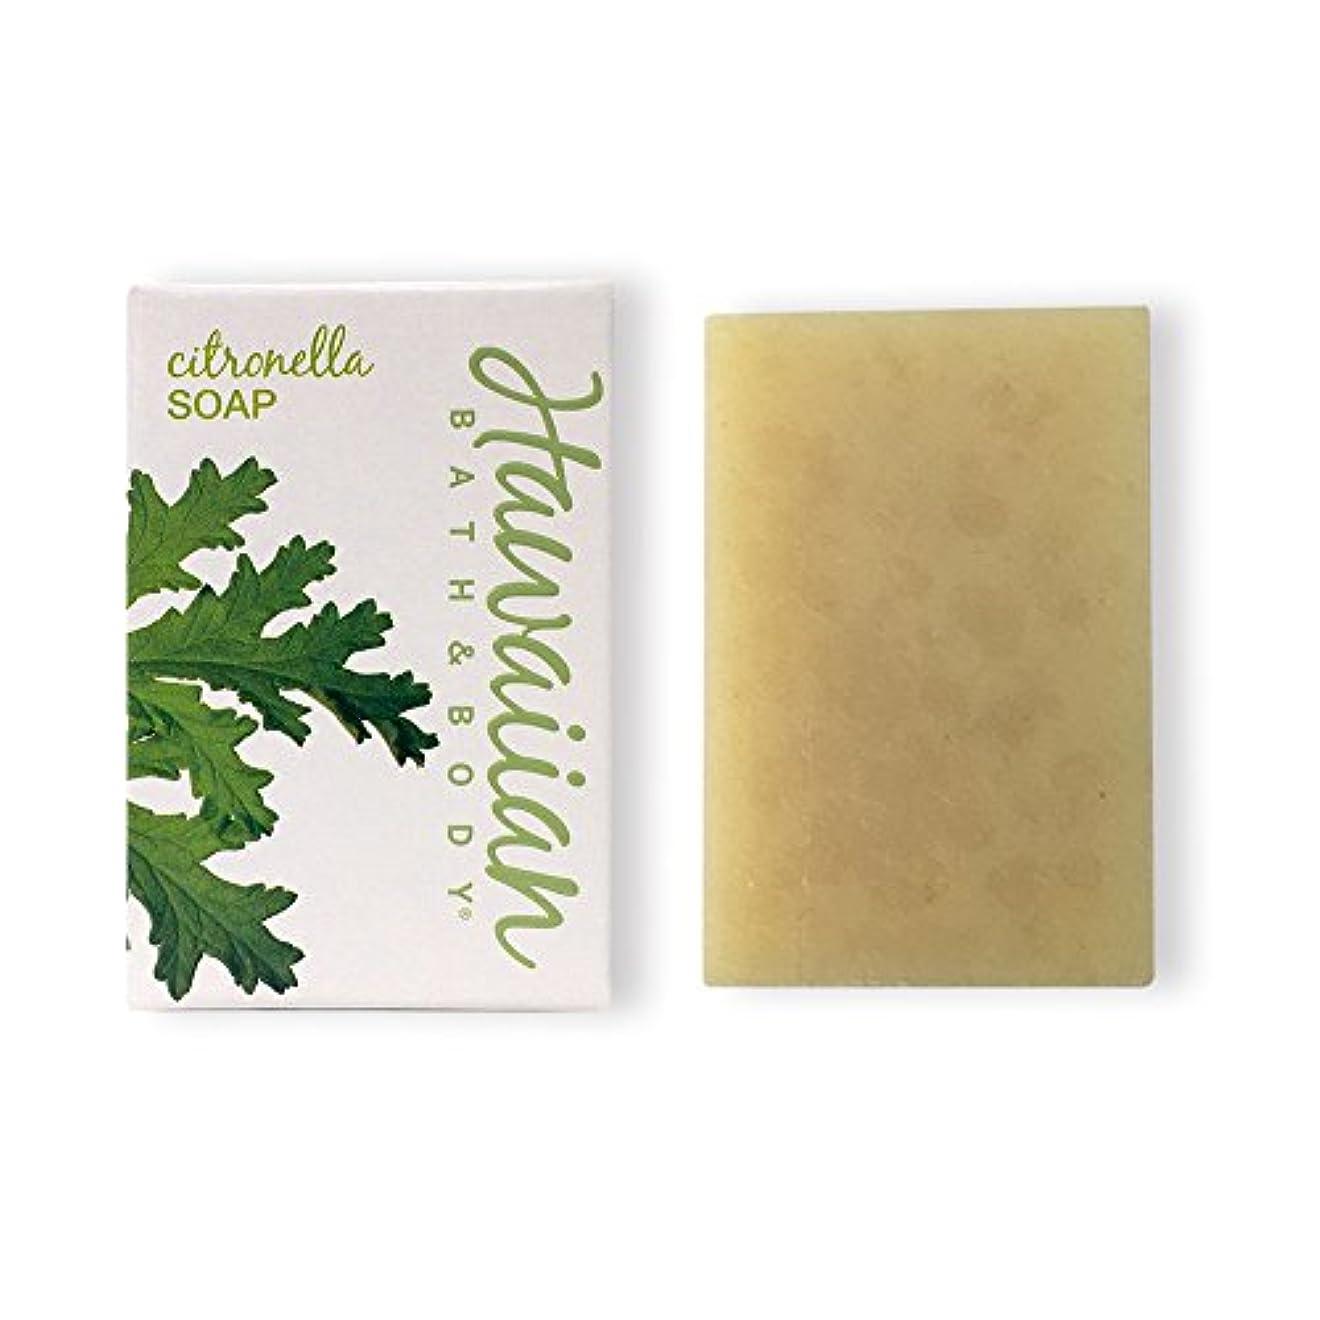 ポーンボウリング逆説ハワイアンバス&ボディ シトロネラソープ(ビーチバー)( Citronella Soap )